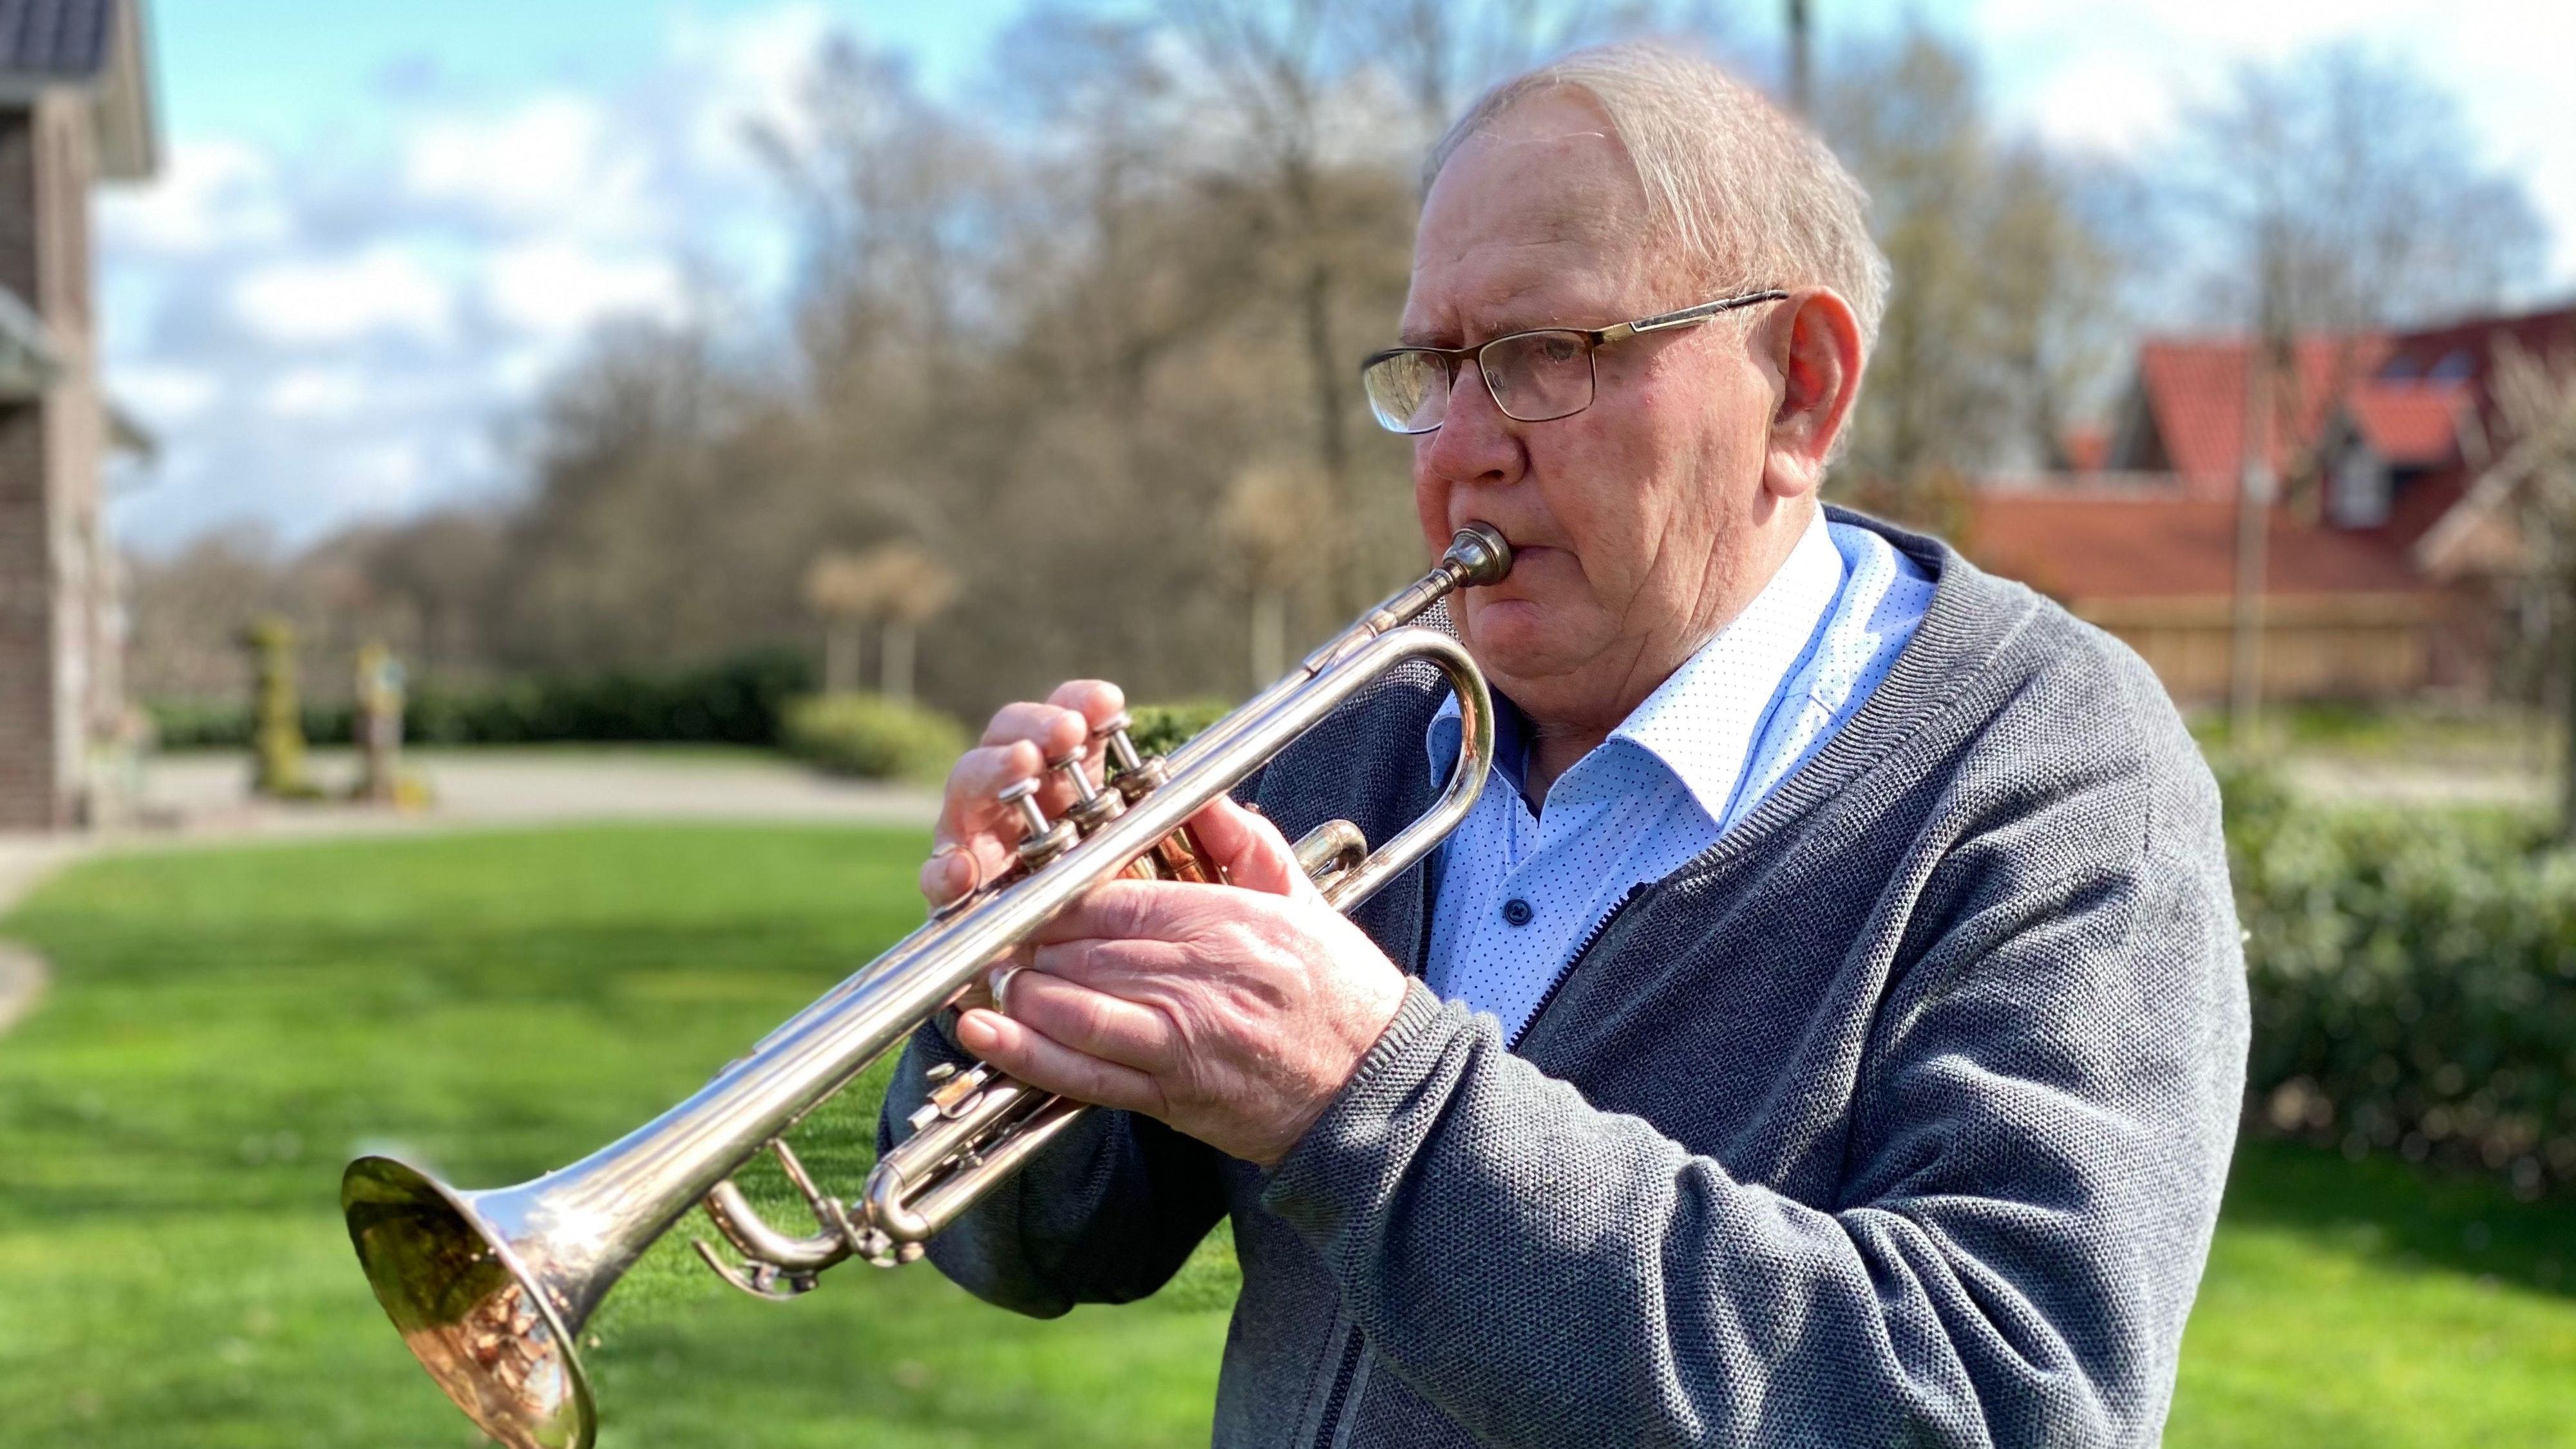 Ein Geburtstagsständchen für den Nachbarn spielt Hans Steenken aktuell nur an der frischen Luft. Foto: Högemann